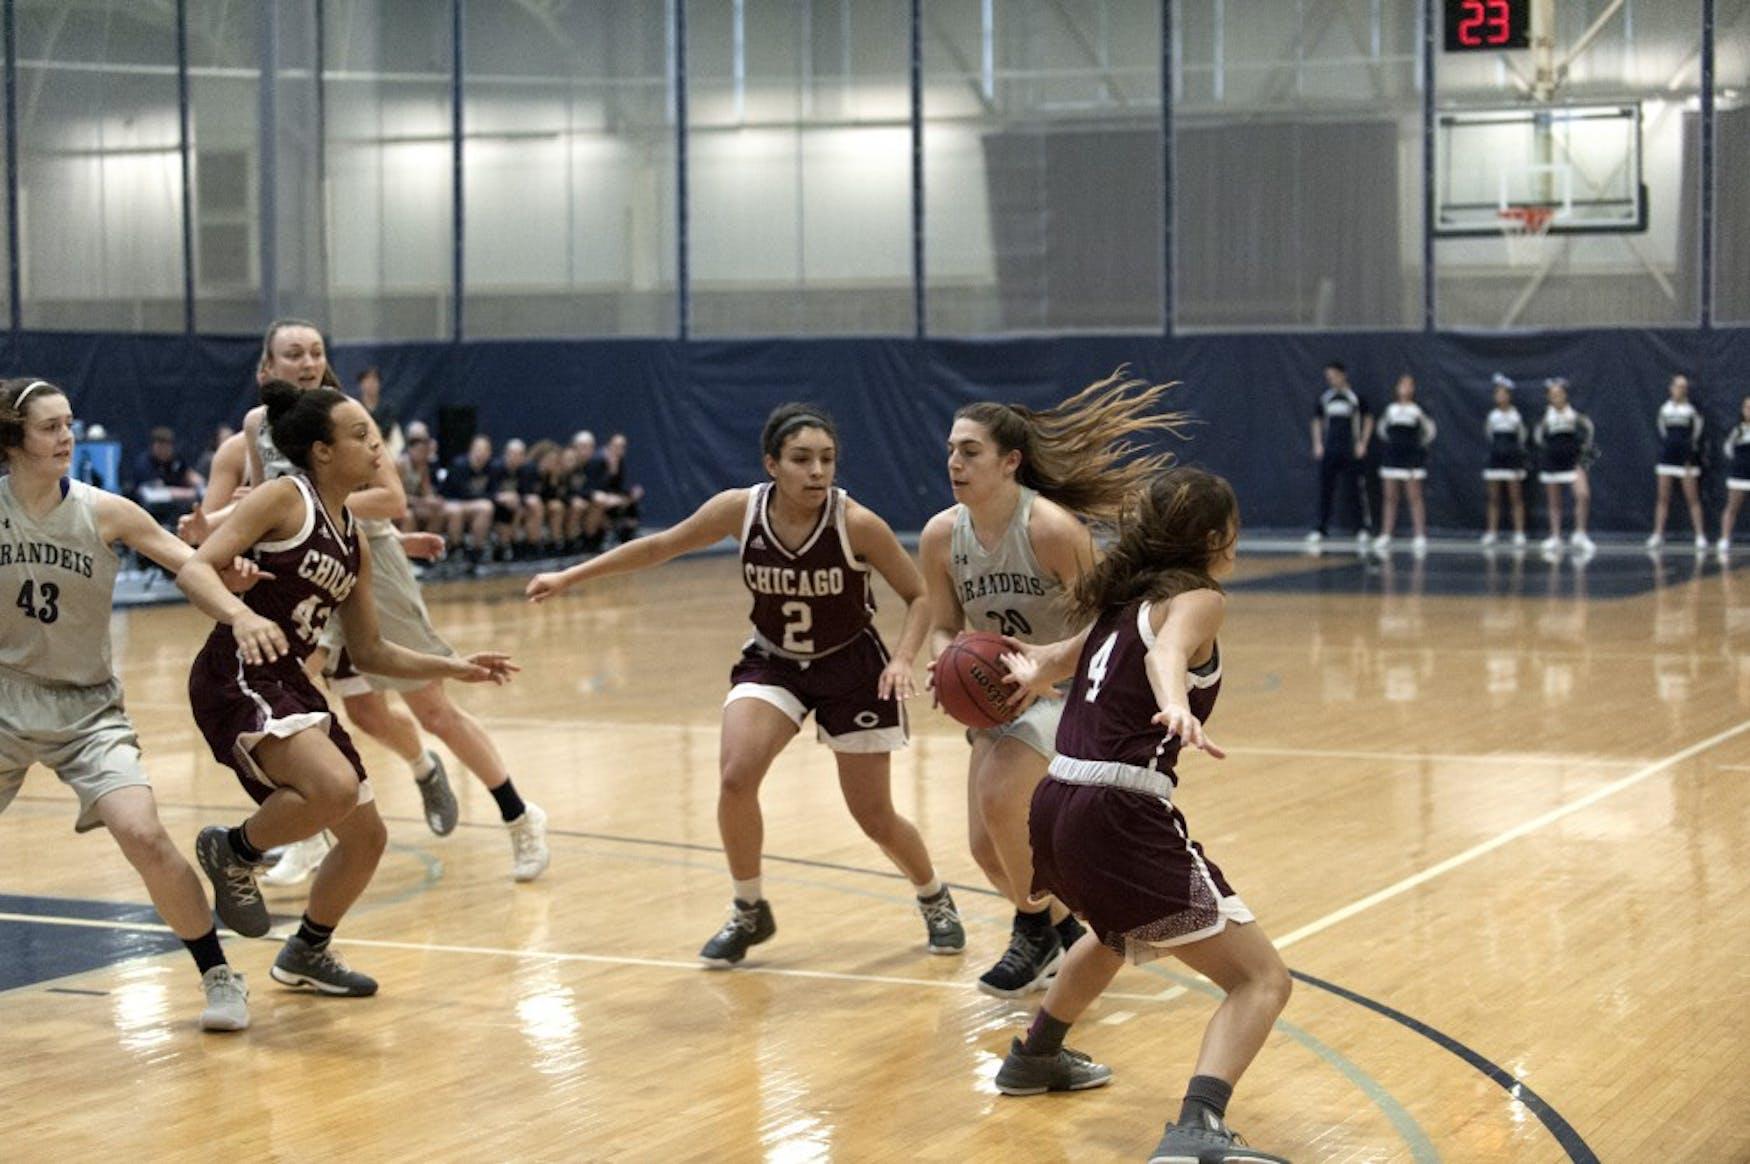 basketball-f-vs-chicago-2-11-18-ag-0015